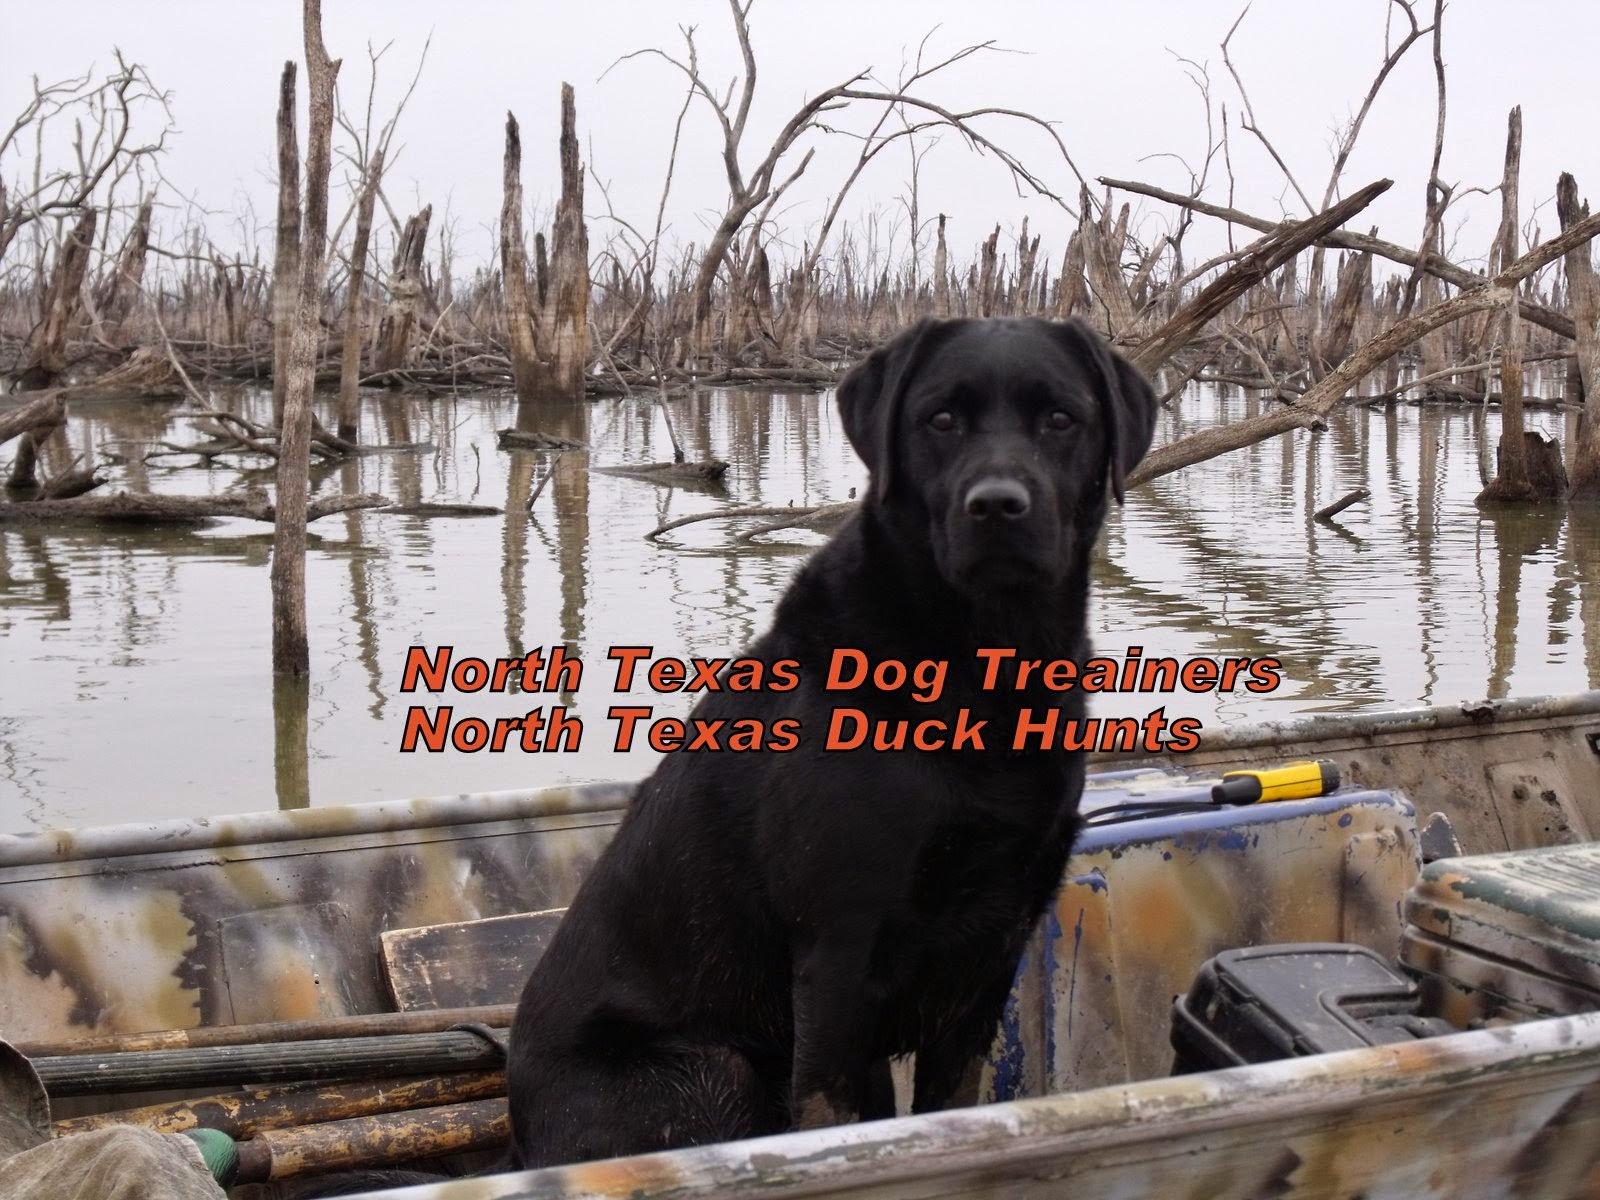 North Texas Duck Hunts